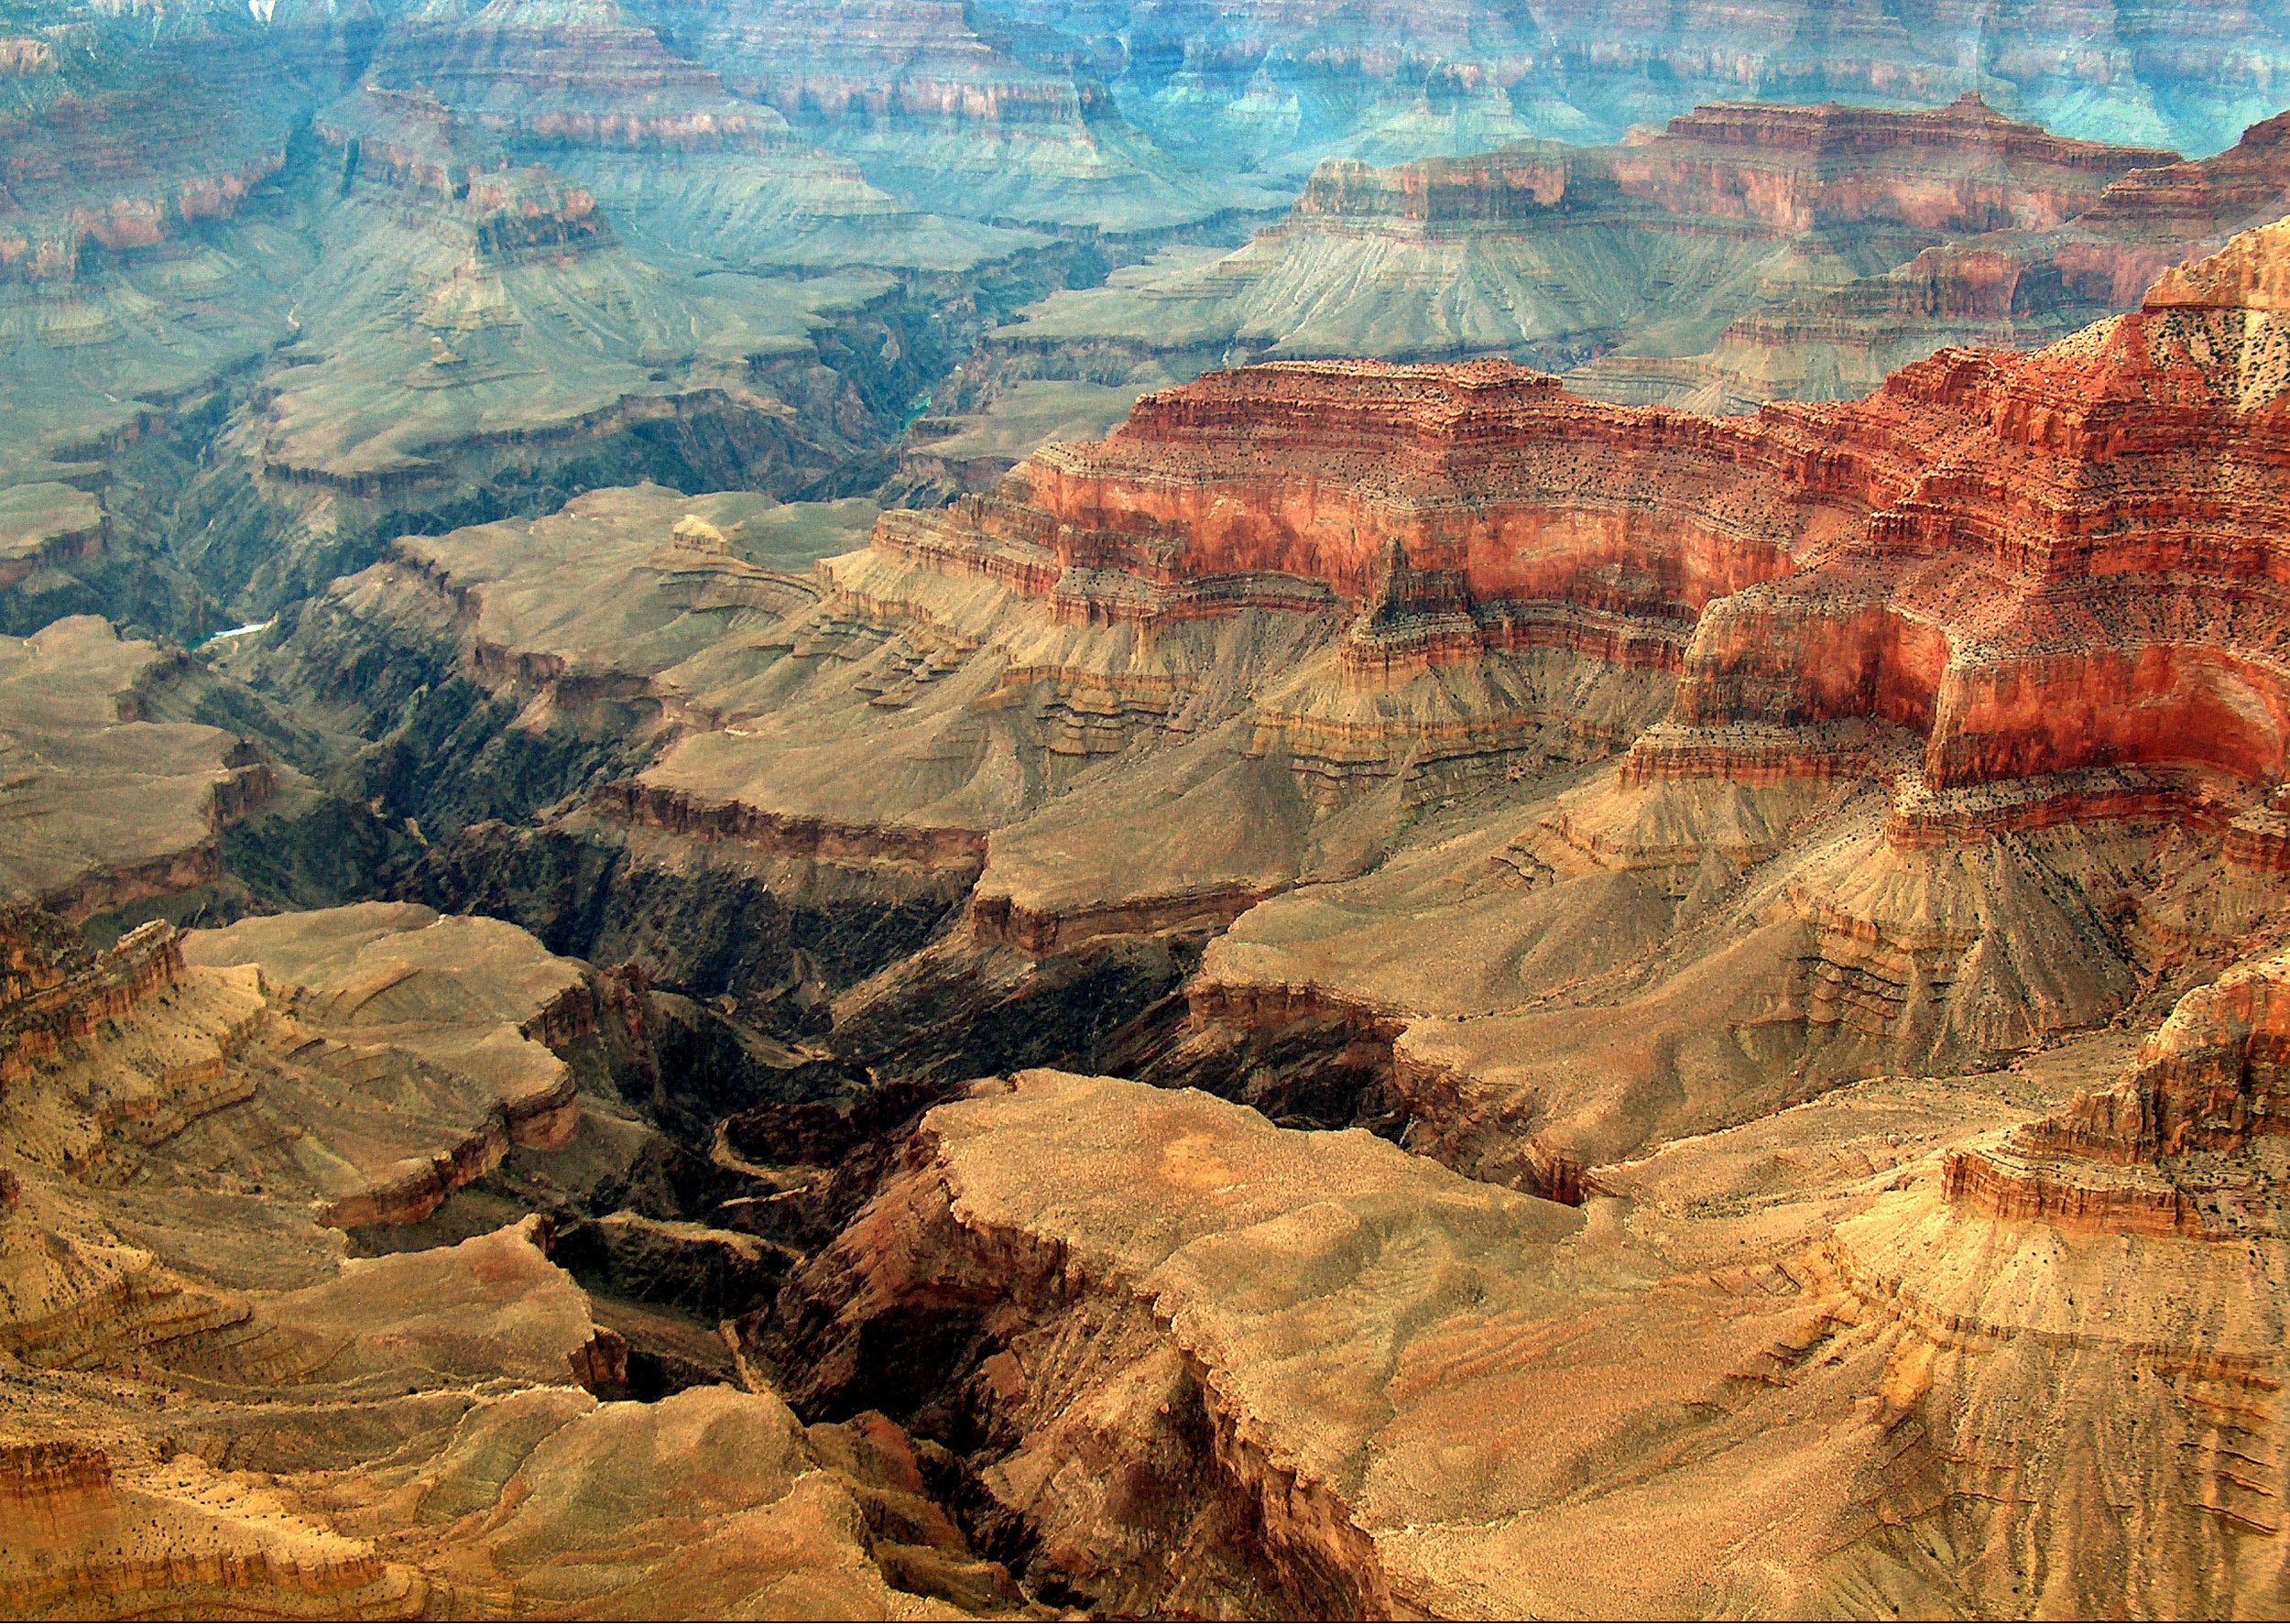 colorado river im grand canyon